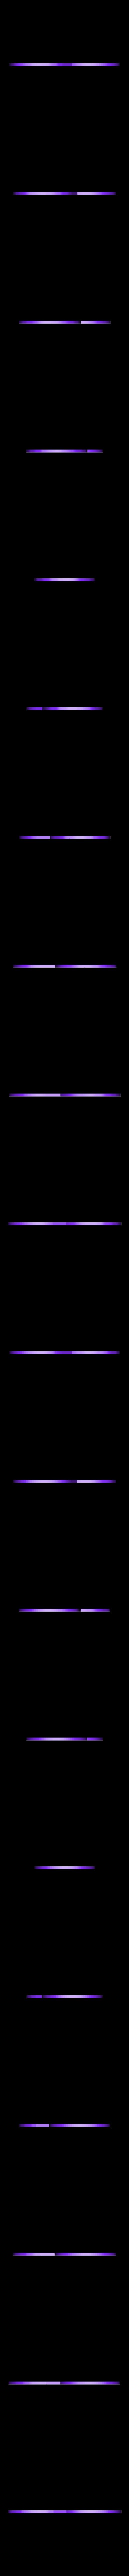 logo enkei v1.stl Télécharger fichier STL gratuit Logo Enkei • Objet pour imprimante 3D, Gonzalez1998